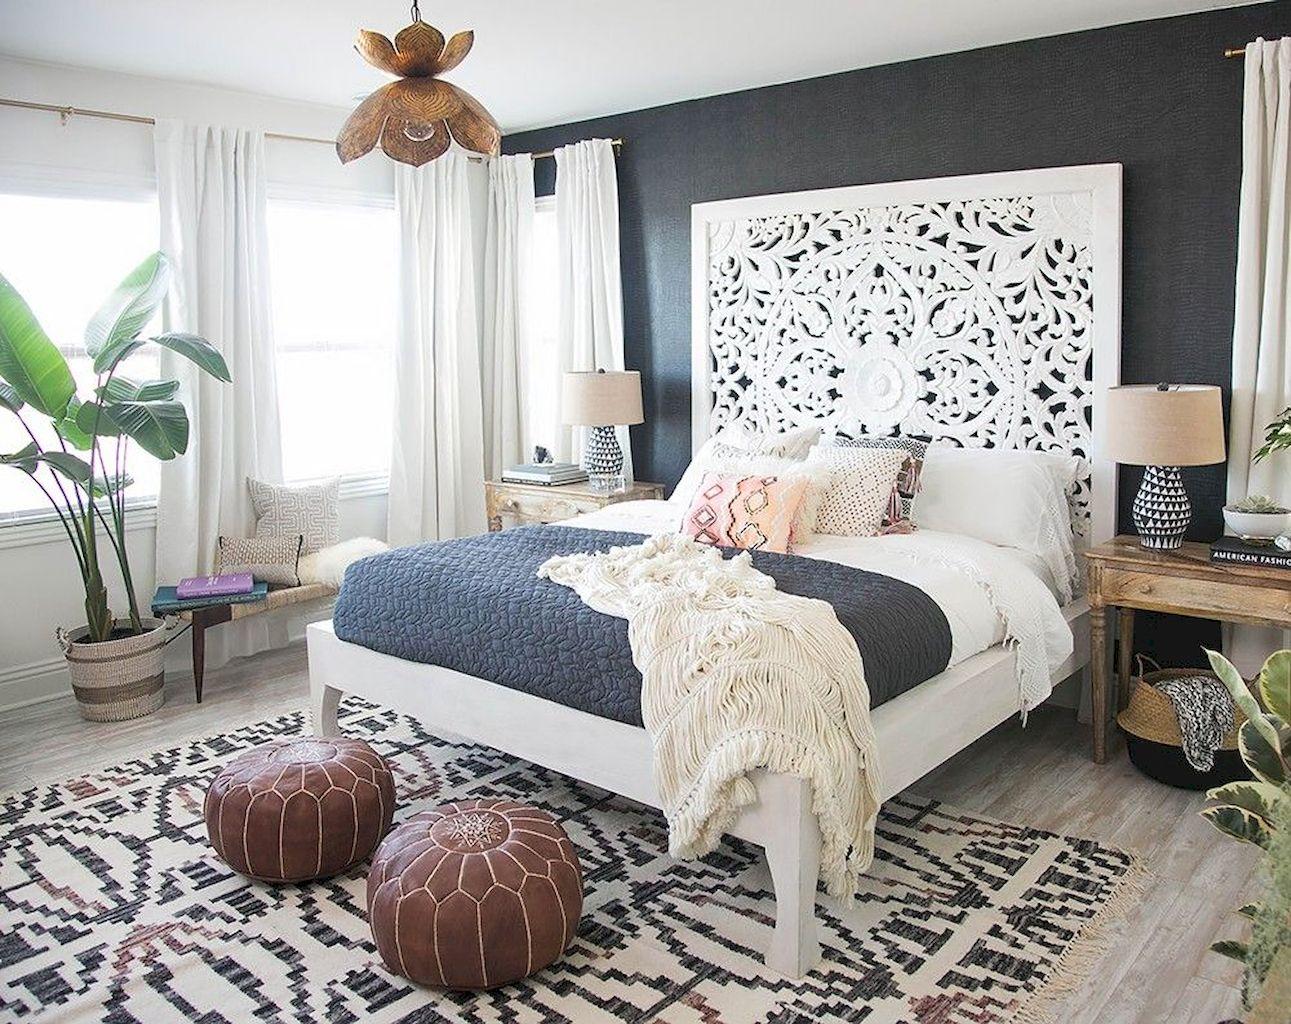 Boheiman Bedroom121